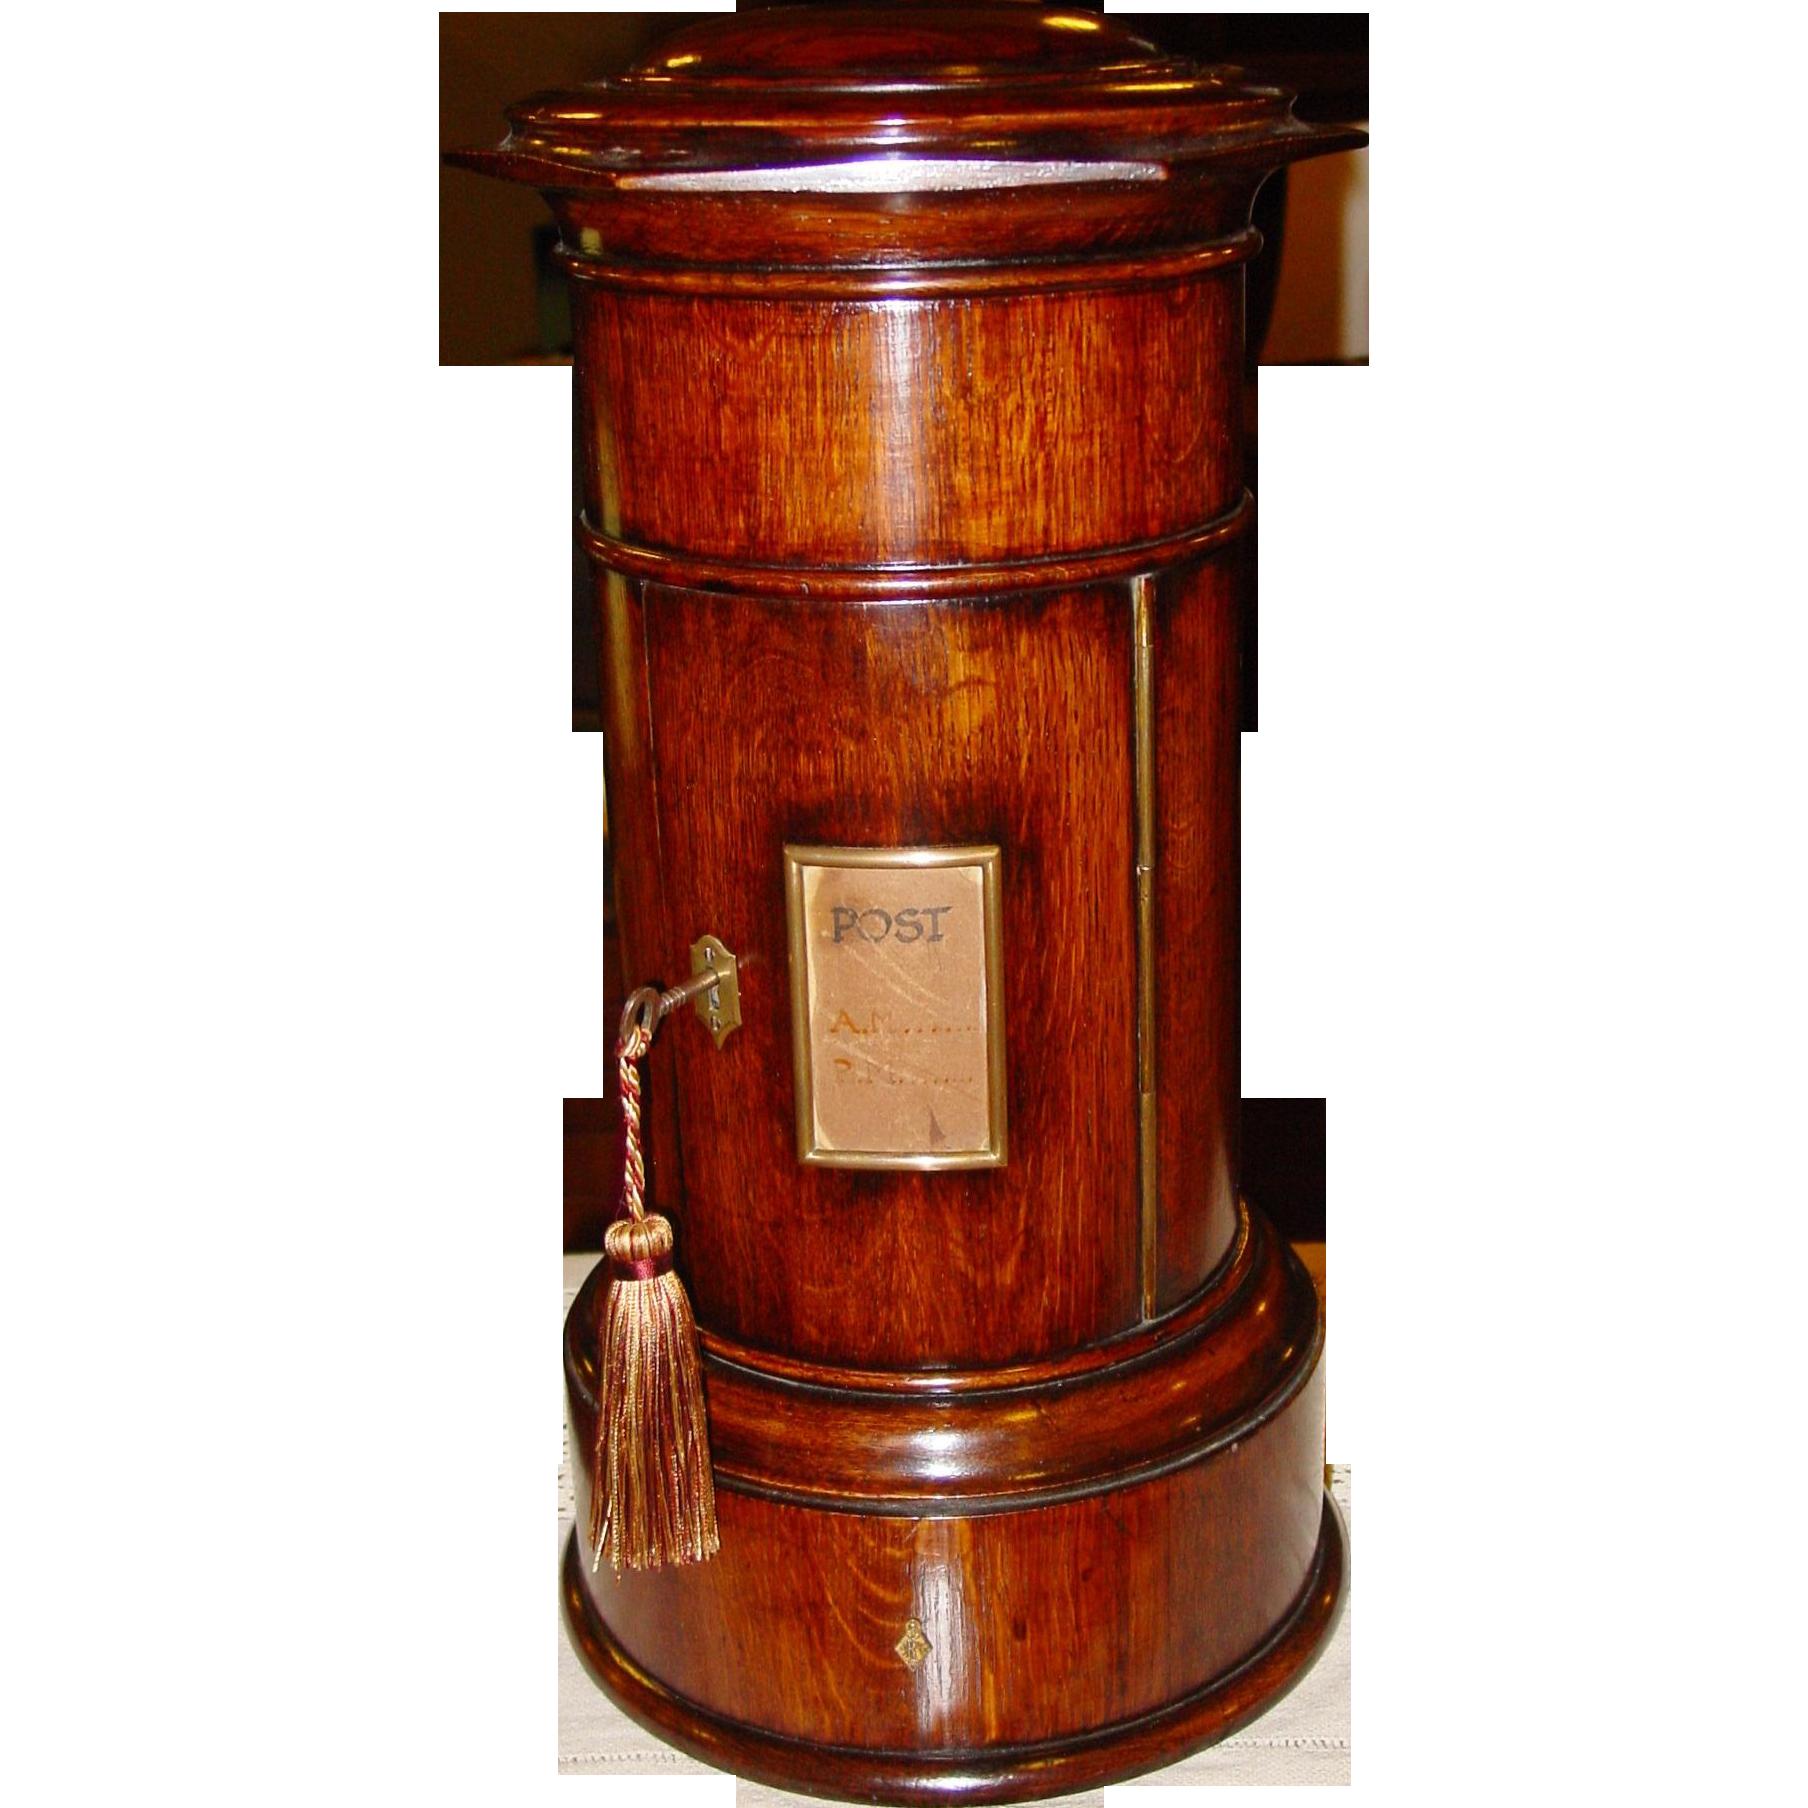 Exceptional Quartered oak cylinder style postal letter box